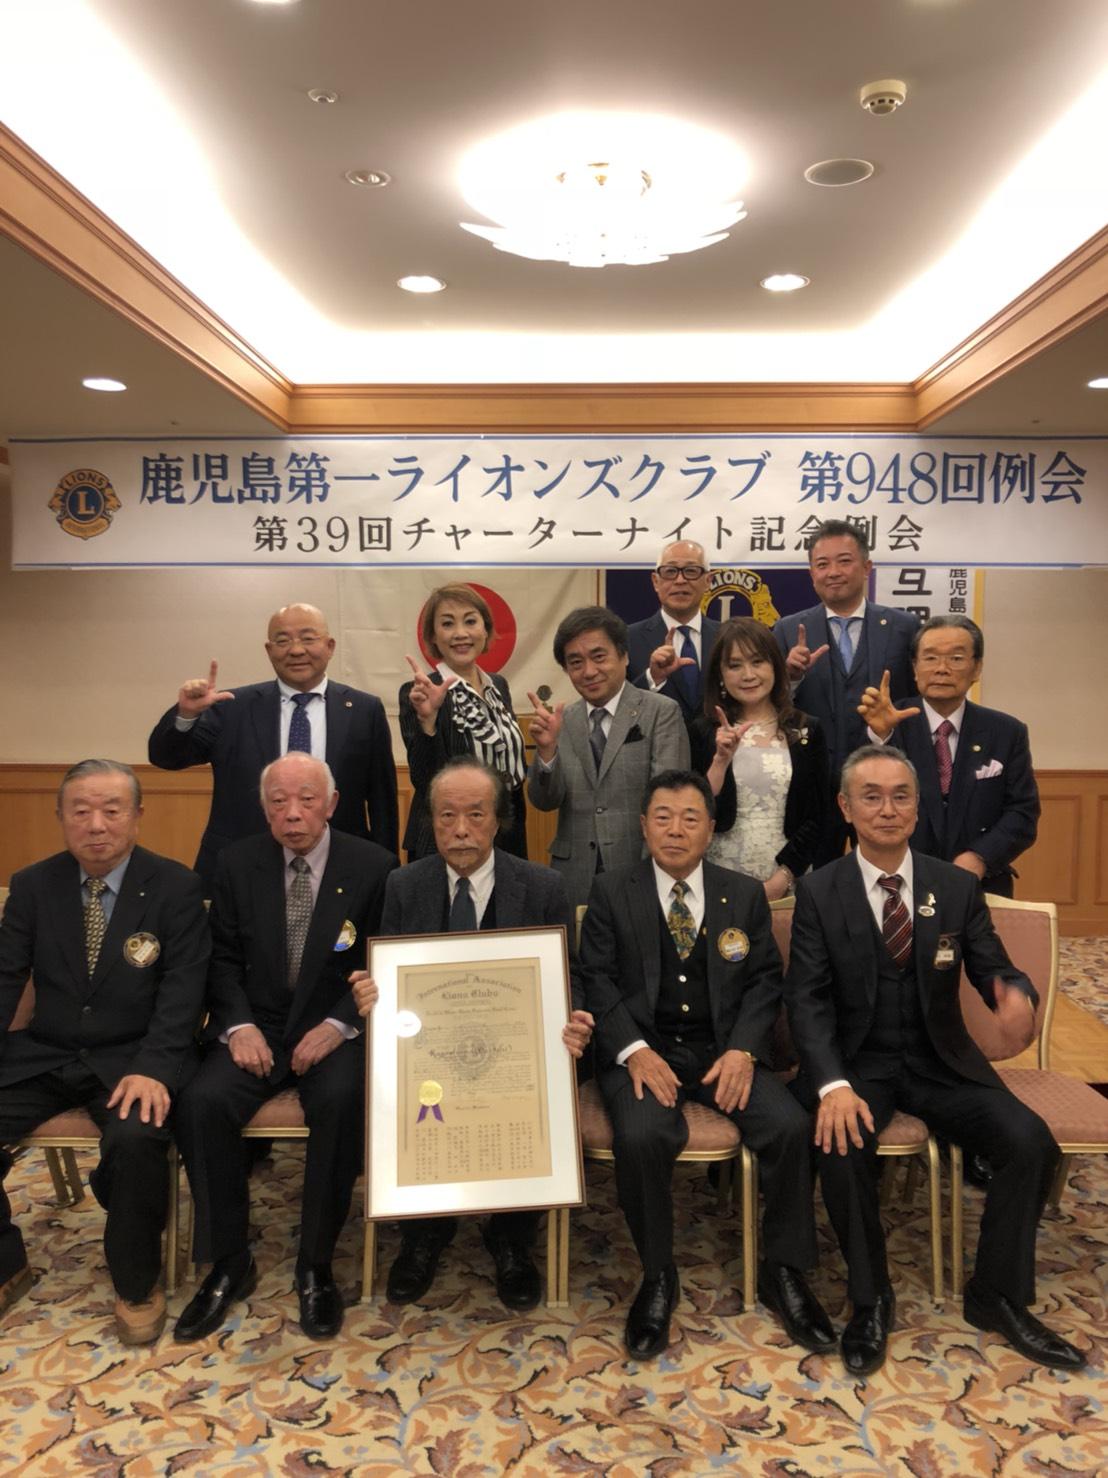 鹿児島第一LC チャーターナイト39周年記念例会 福岡大樹ライオンズクラブ